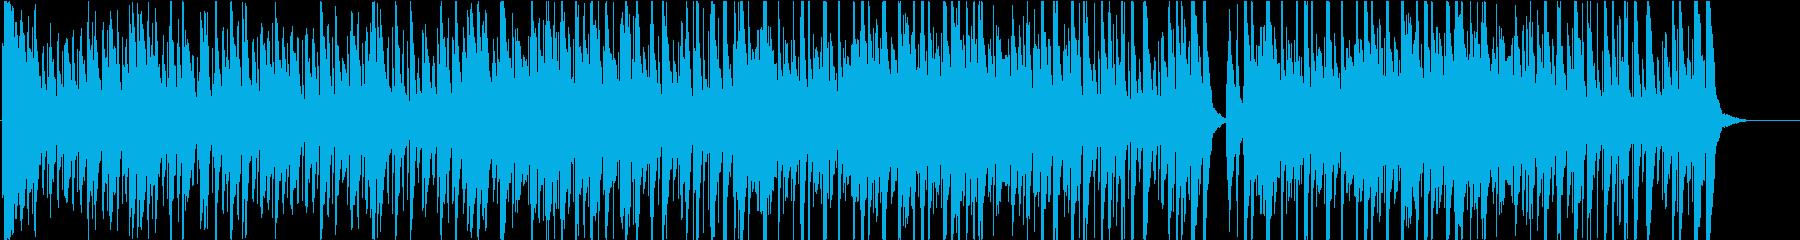 いたずらっぽく楽しいミディアムスイング1の再生済みの波形